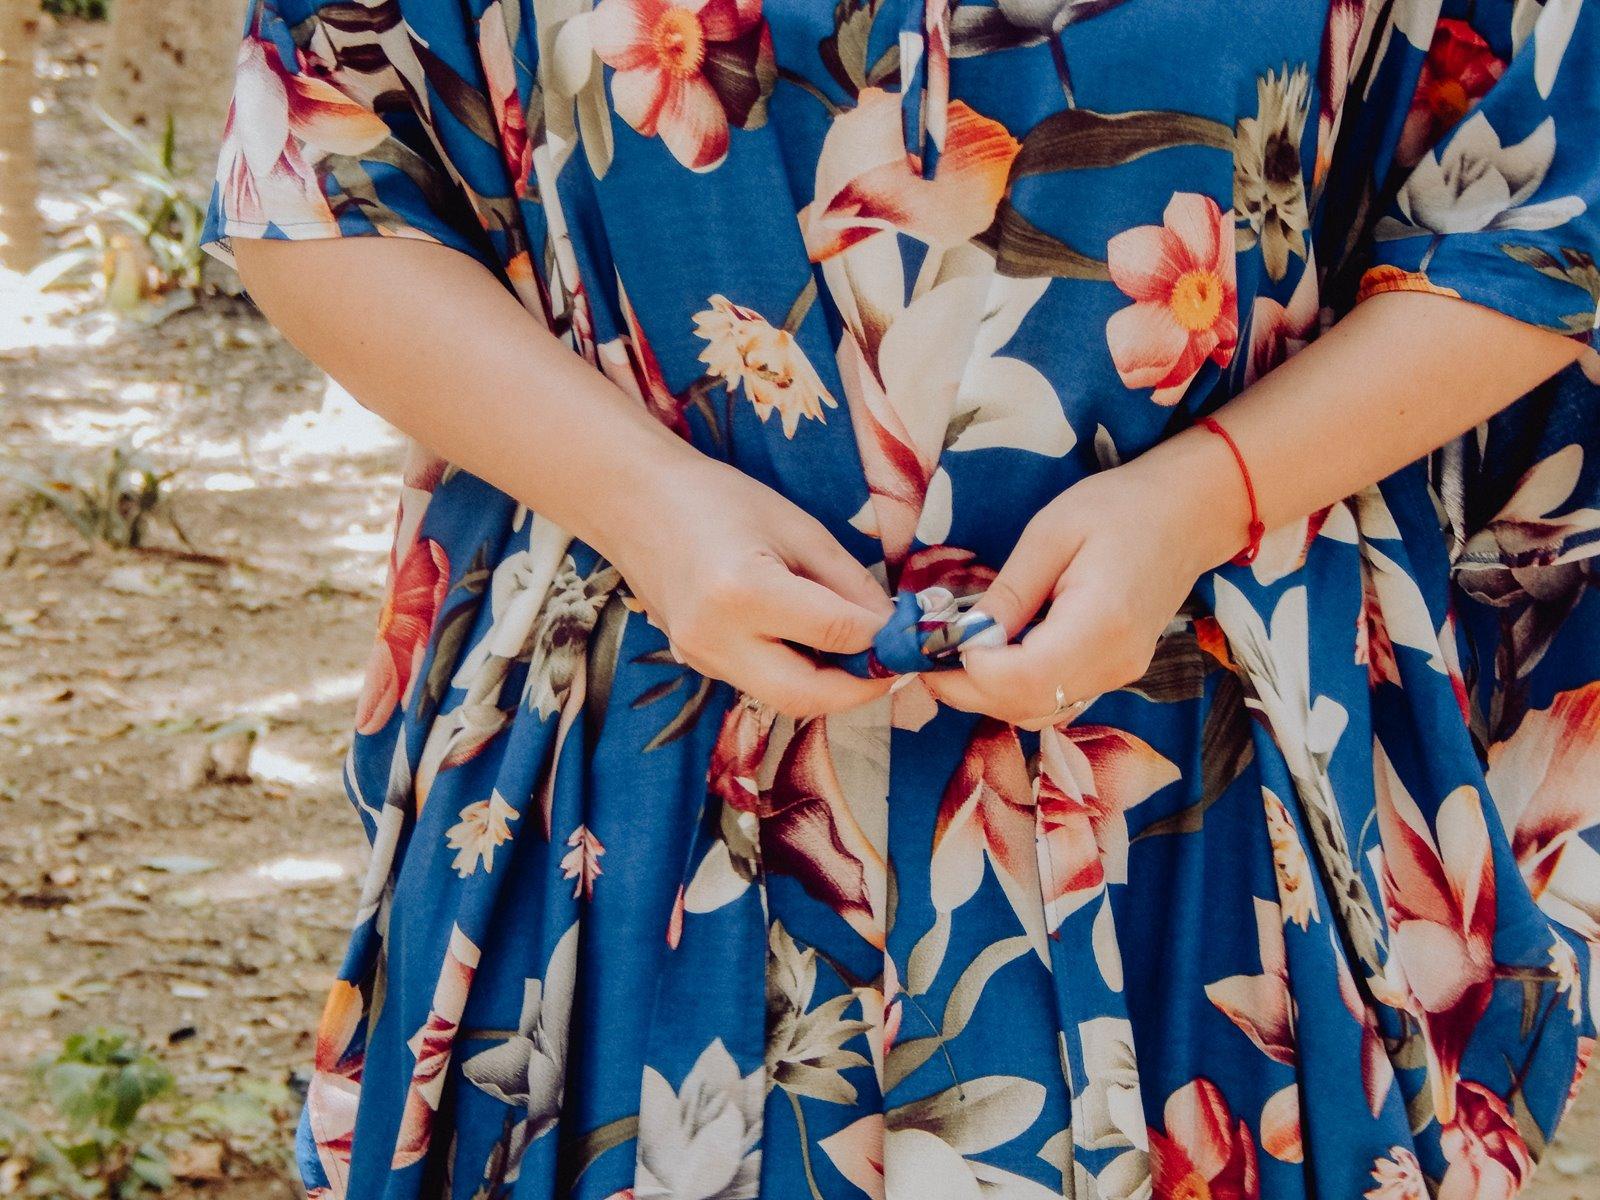 1 polskie młode marki firmy godne uwagi moda modowe marki łódź blog blogerka blogerzy z łodzi fashion zero waste jak żyć ubrania moda stylizacje modnapolka inspiracje sukienka maxi nalu bodywear instagram style melody